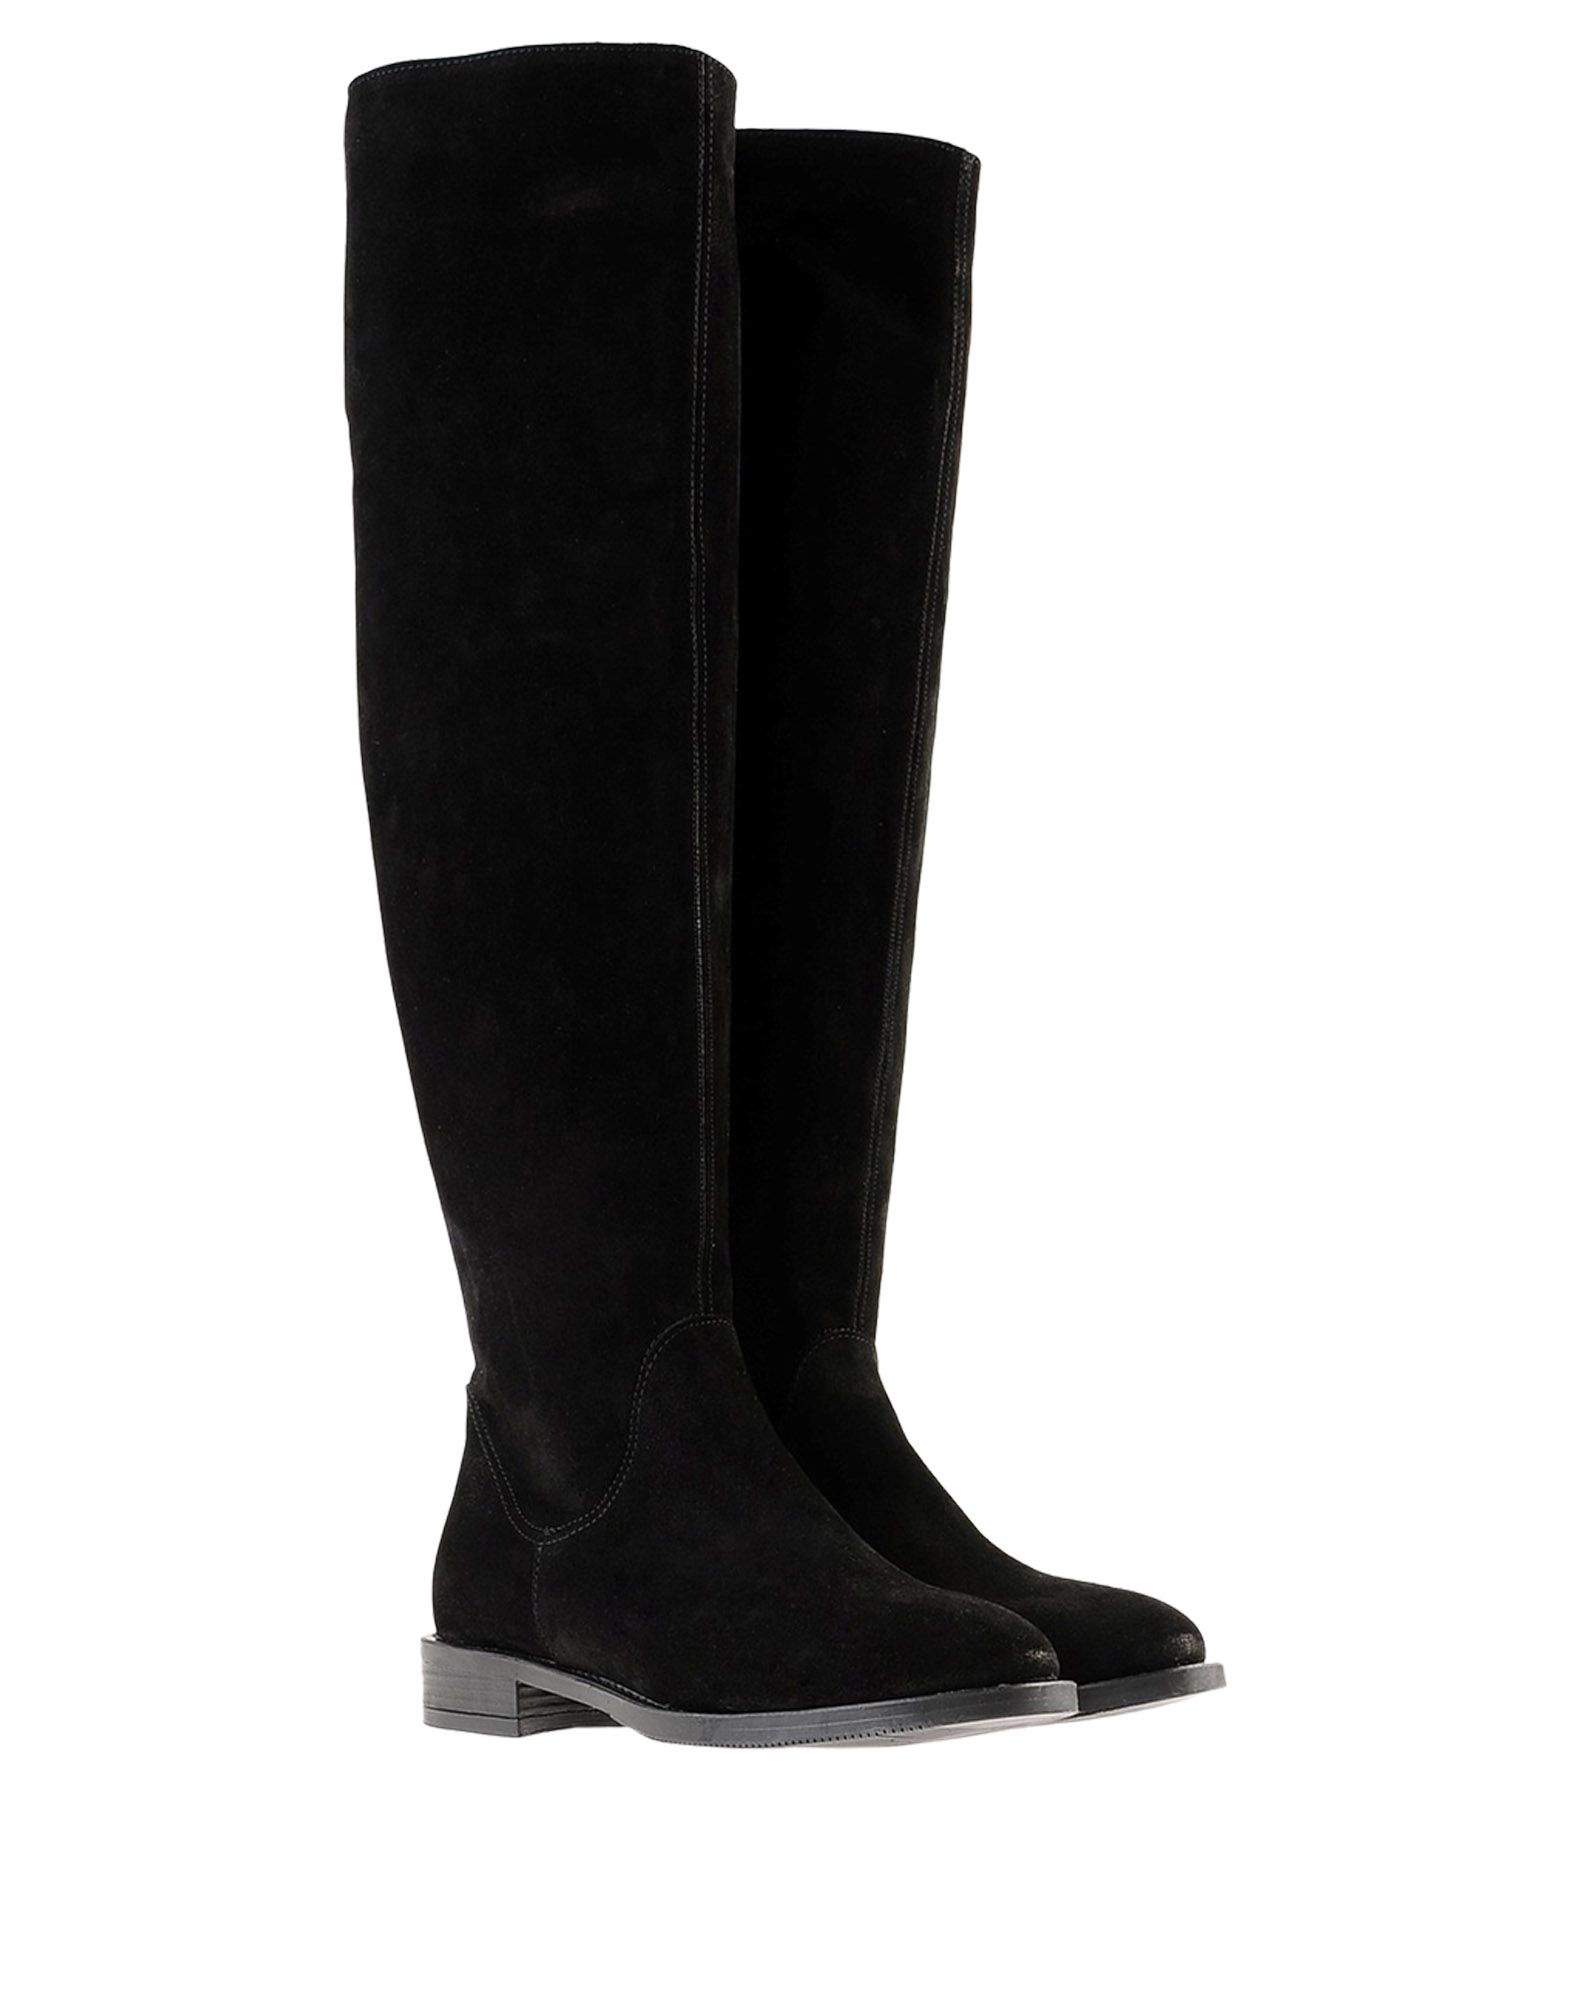 Stilvolle Stilvolle Stilvolle billige Schuhe Fabrizio Chini Stiefel Damen  11535833SU 406060